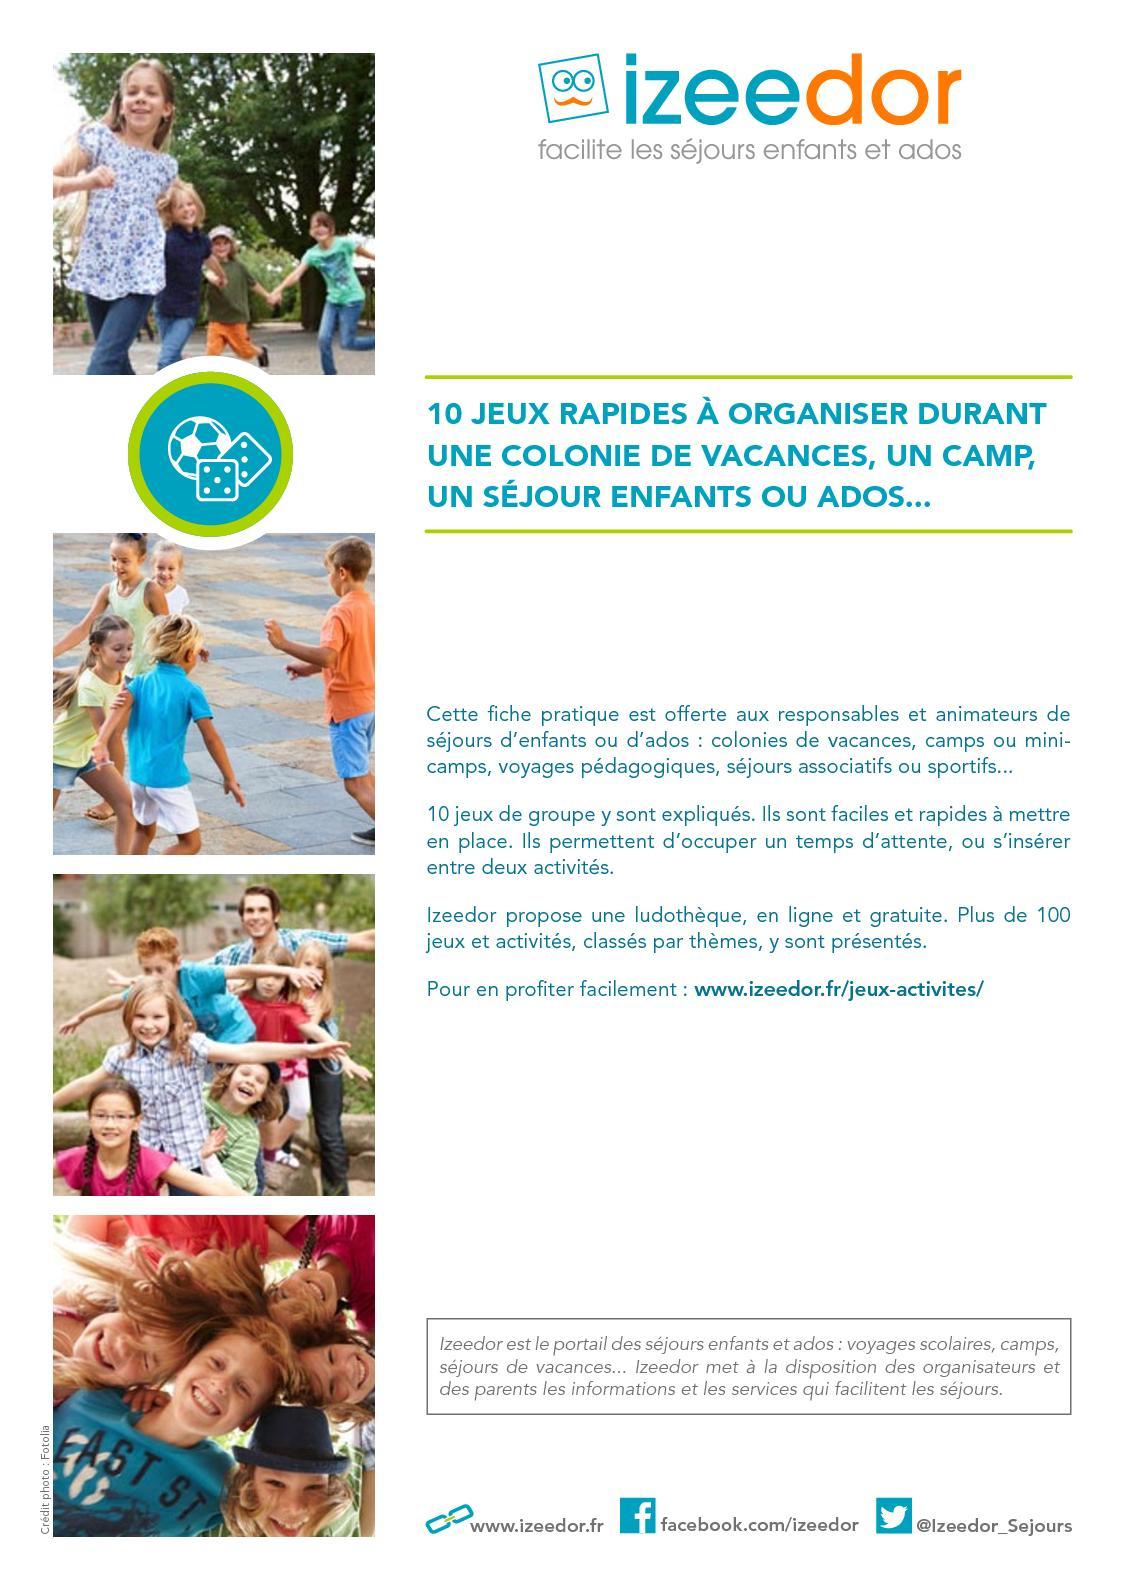 Calaméo - Jeux Rapides Pour Colo, Camp, Séjours Enfants Ou Ados concernant Jeux Pédagogiques En Ligne